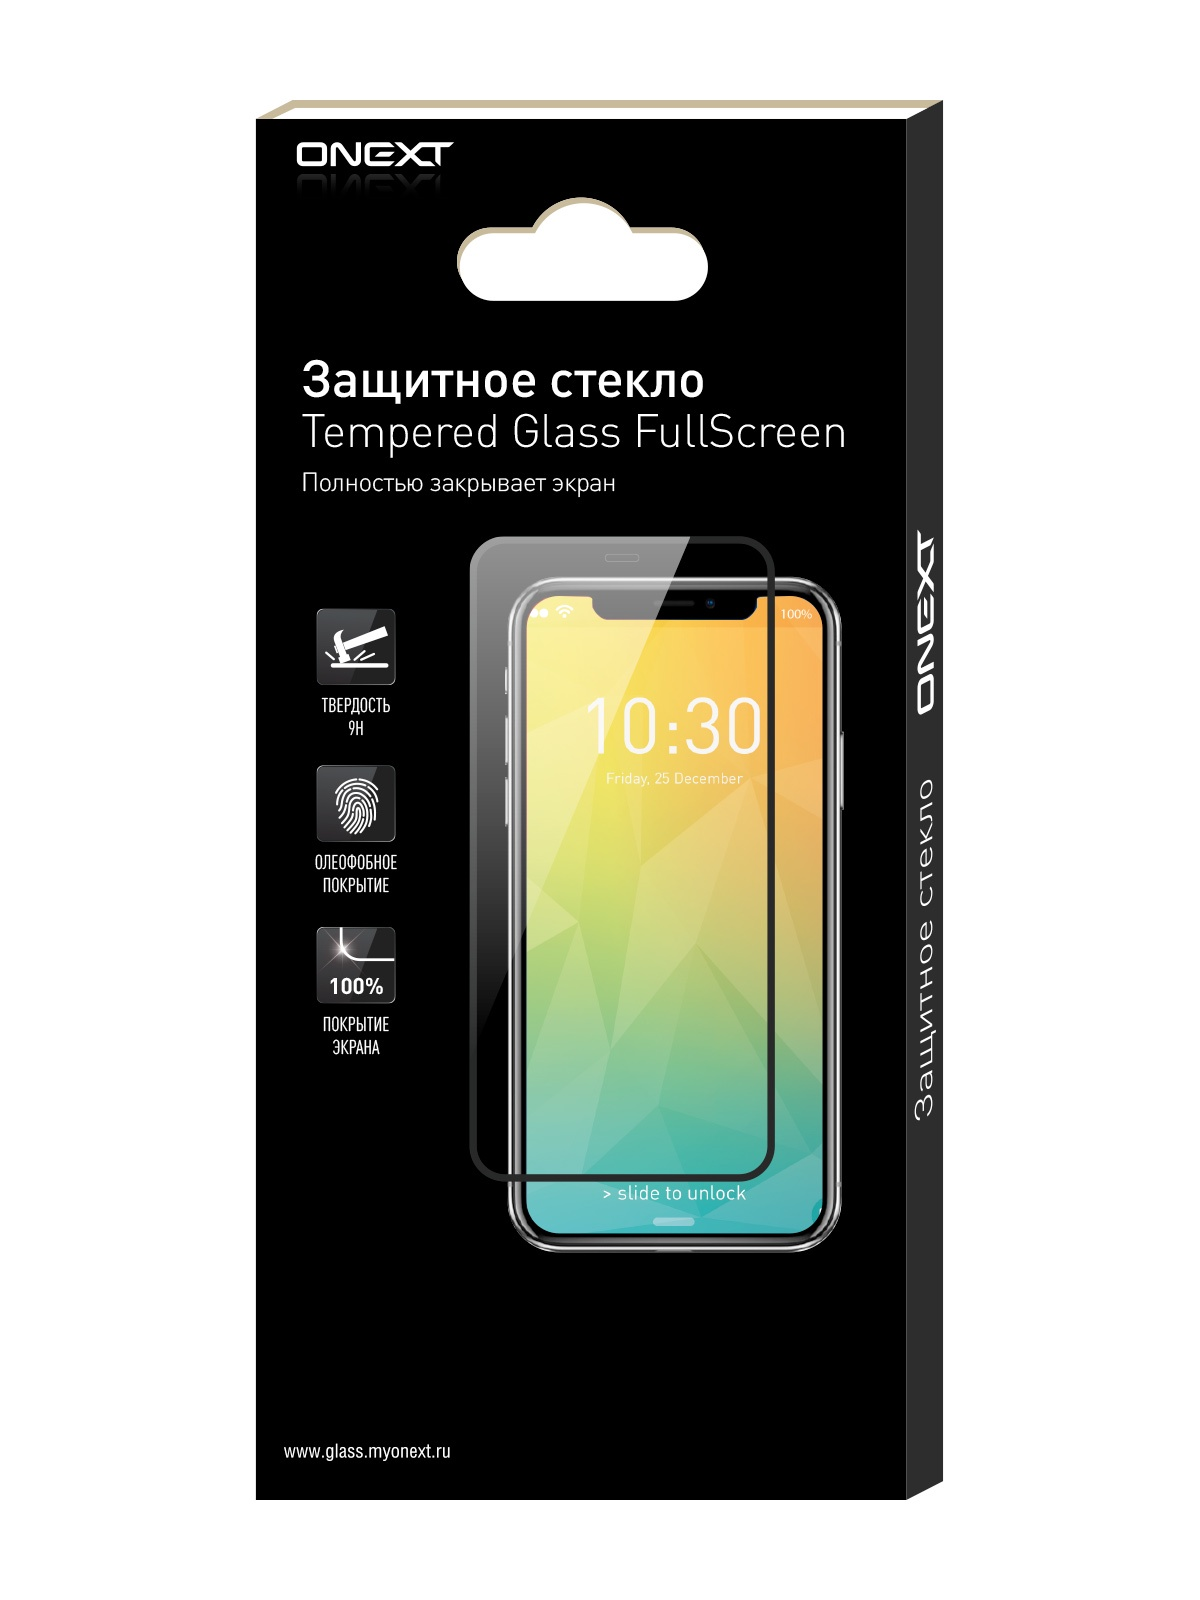 Защитное стекло ONEXT Huawei Honor 8 Lite с рамкой защитное стекло onext для huawei honor 9 lite 641 41661 с рамкой черный